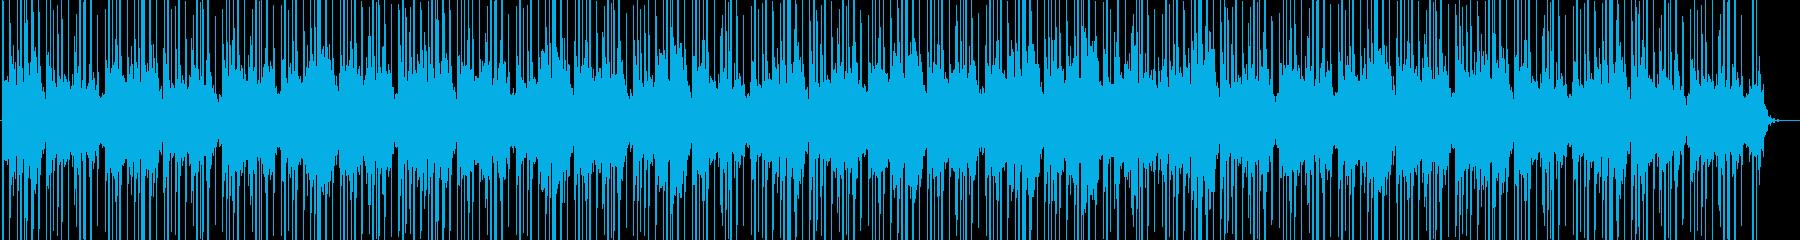 永遠に聞ける優しいチルアウトの再生済みの波形